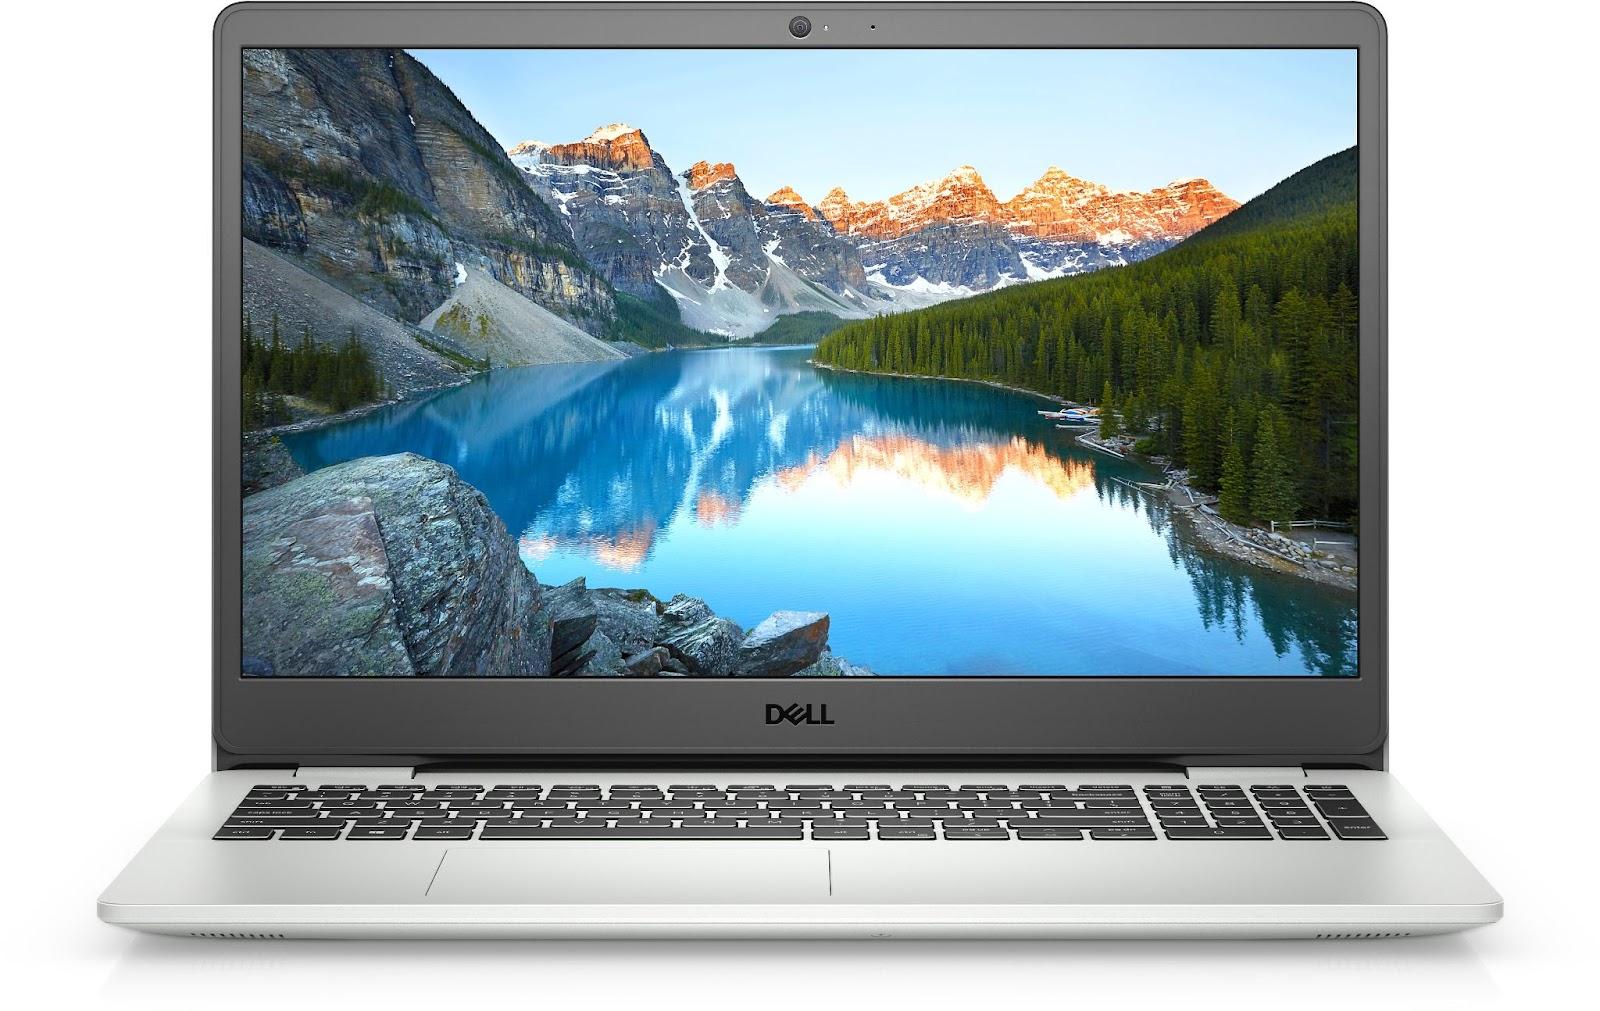 Imagem do Notebook para programar do modelo Dell Inspiron 15 300